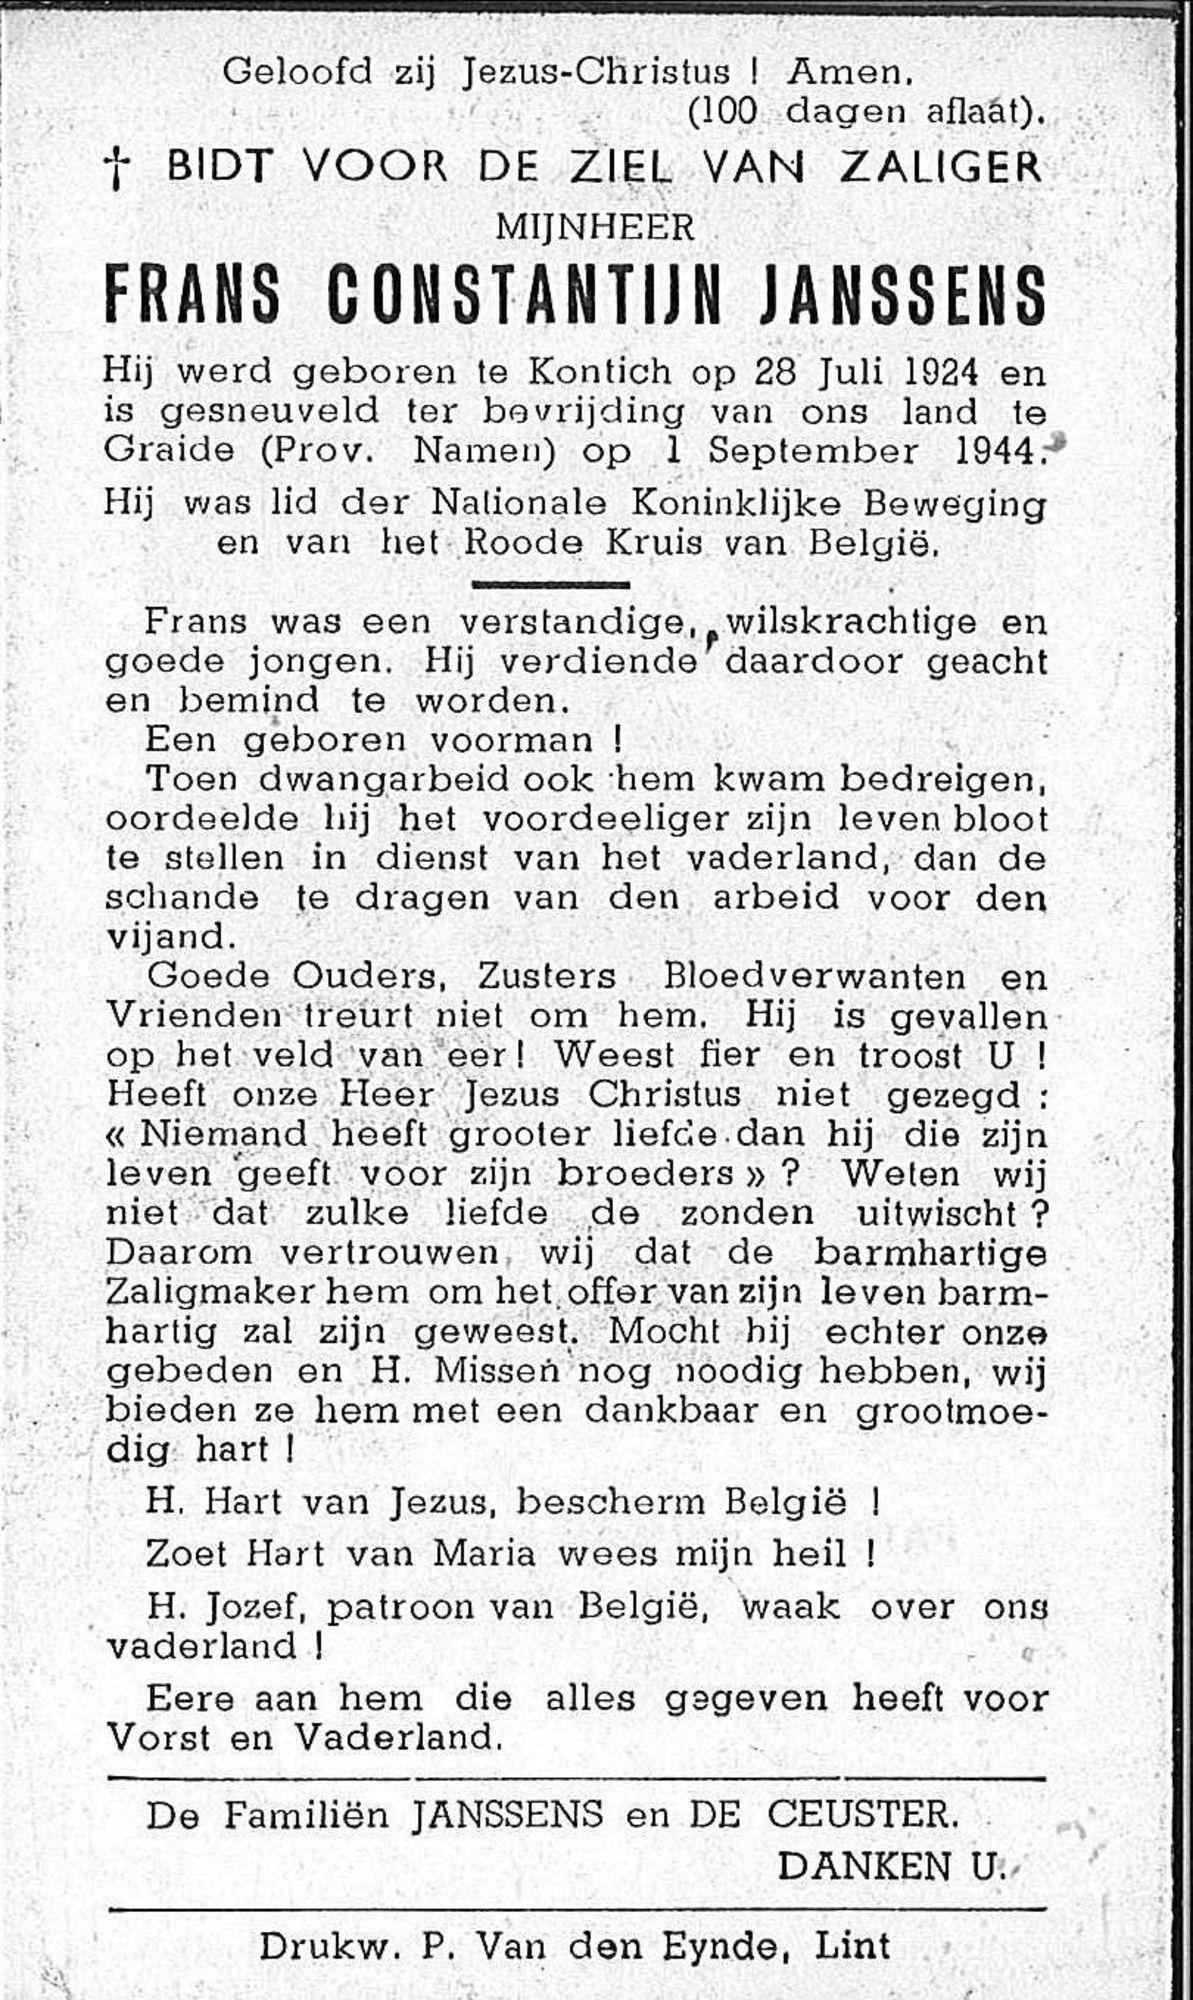 Frans Constantijn Janssens